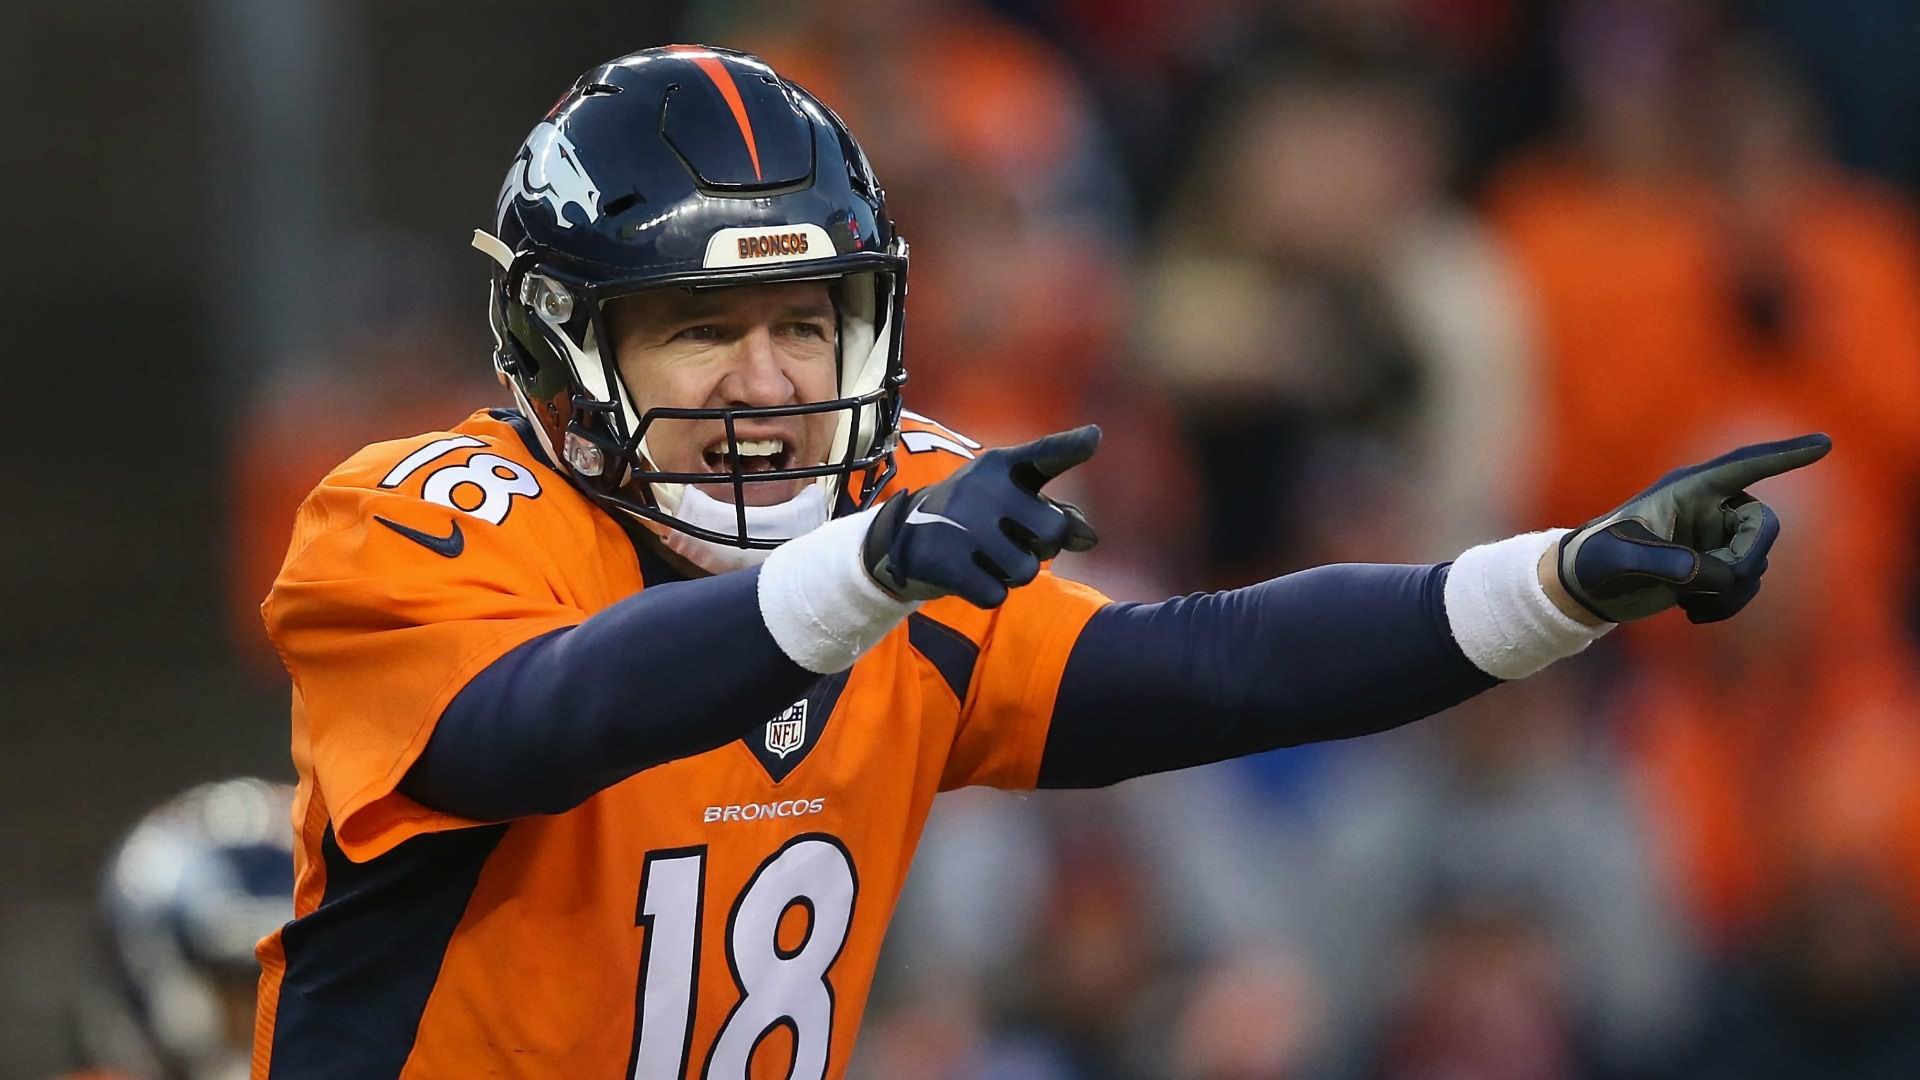 Peyton Manning Wallpapers (69+ images)